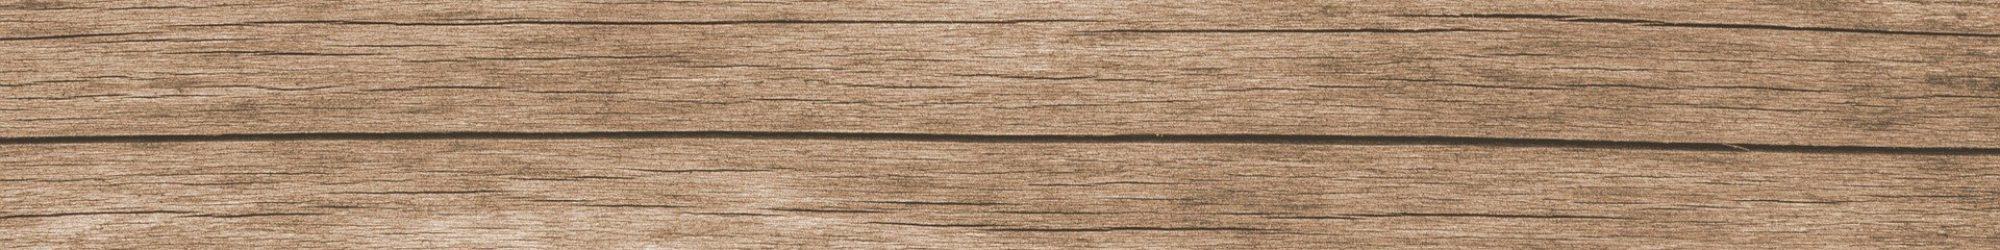 wood-591631_1920